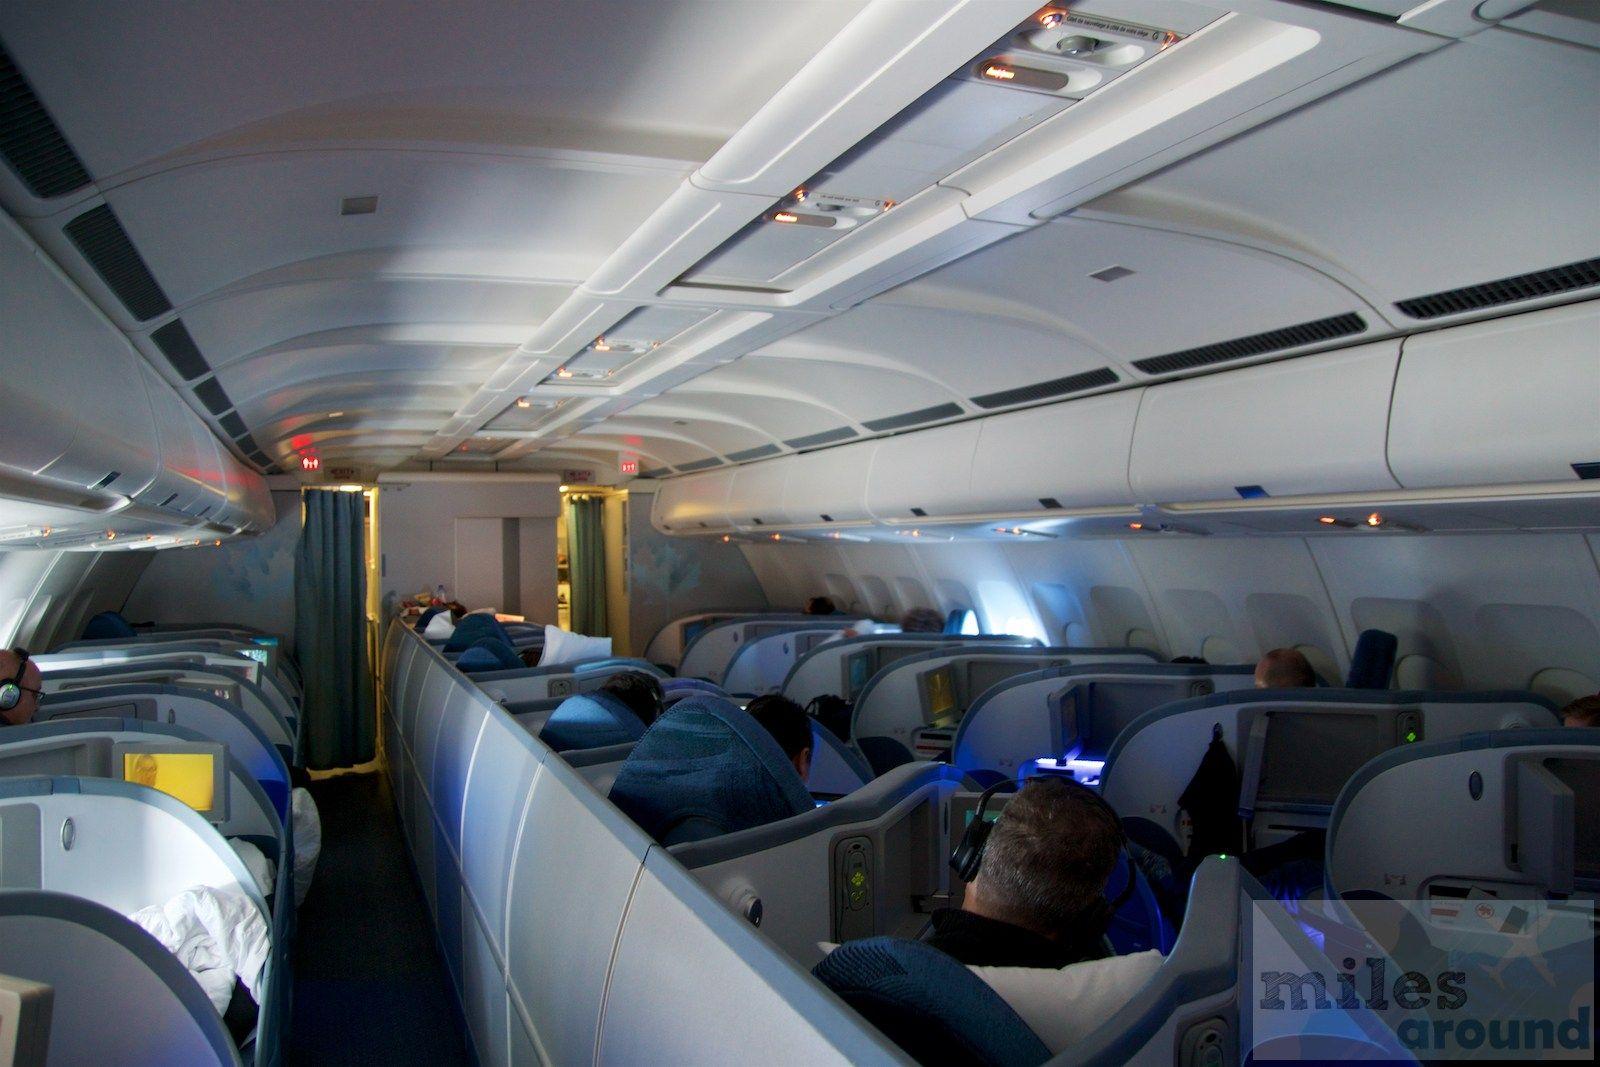 Air canada airbus a330 300 business class cabin interior